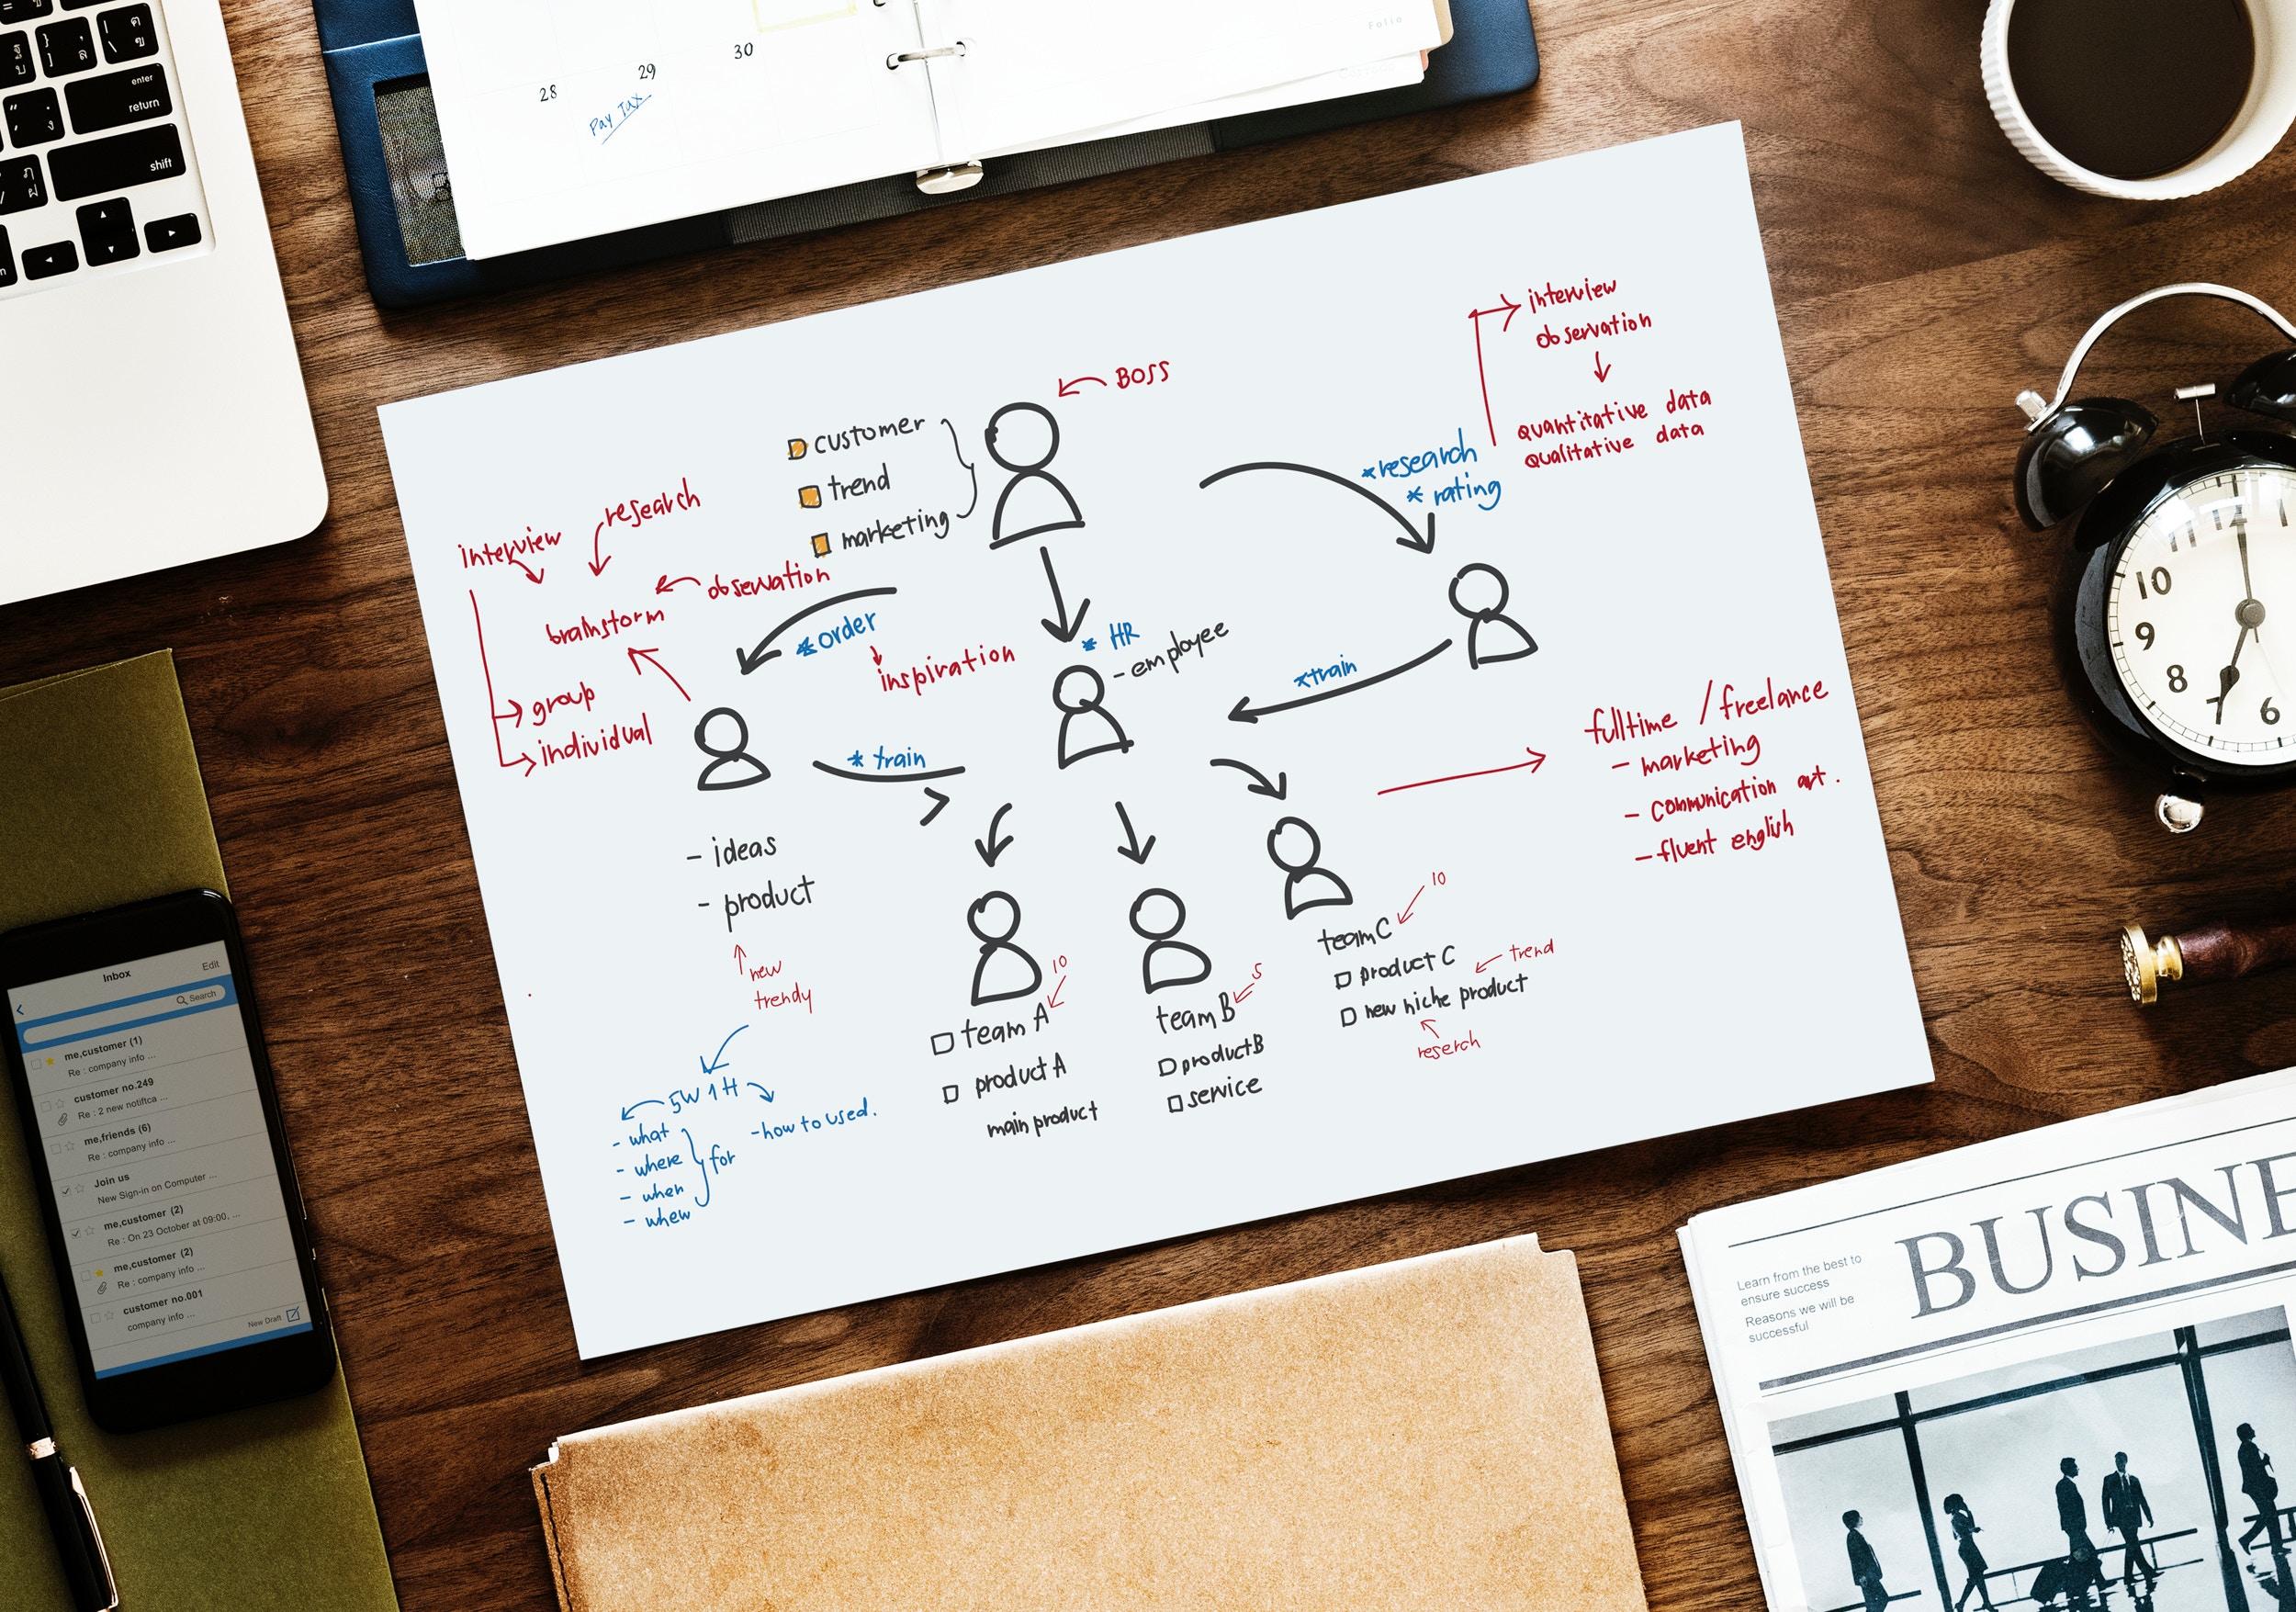 ¿Qué debe incluir un plan de empresa?-Finutive